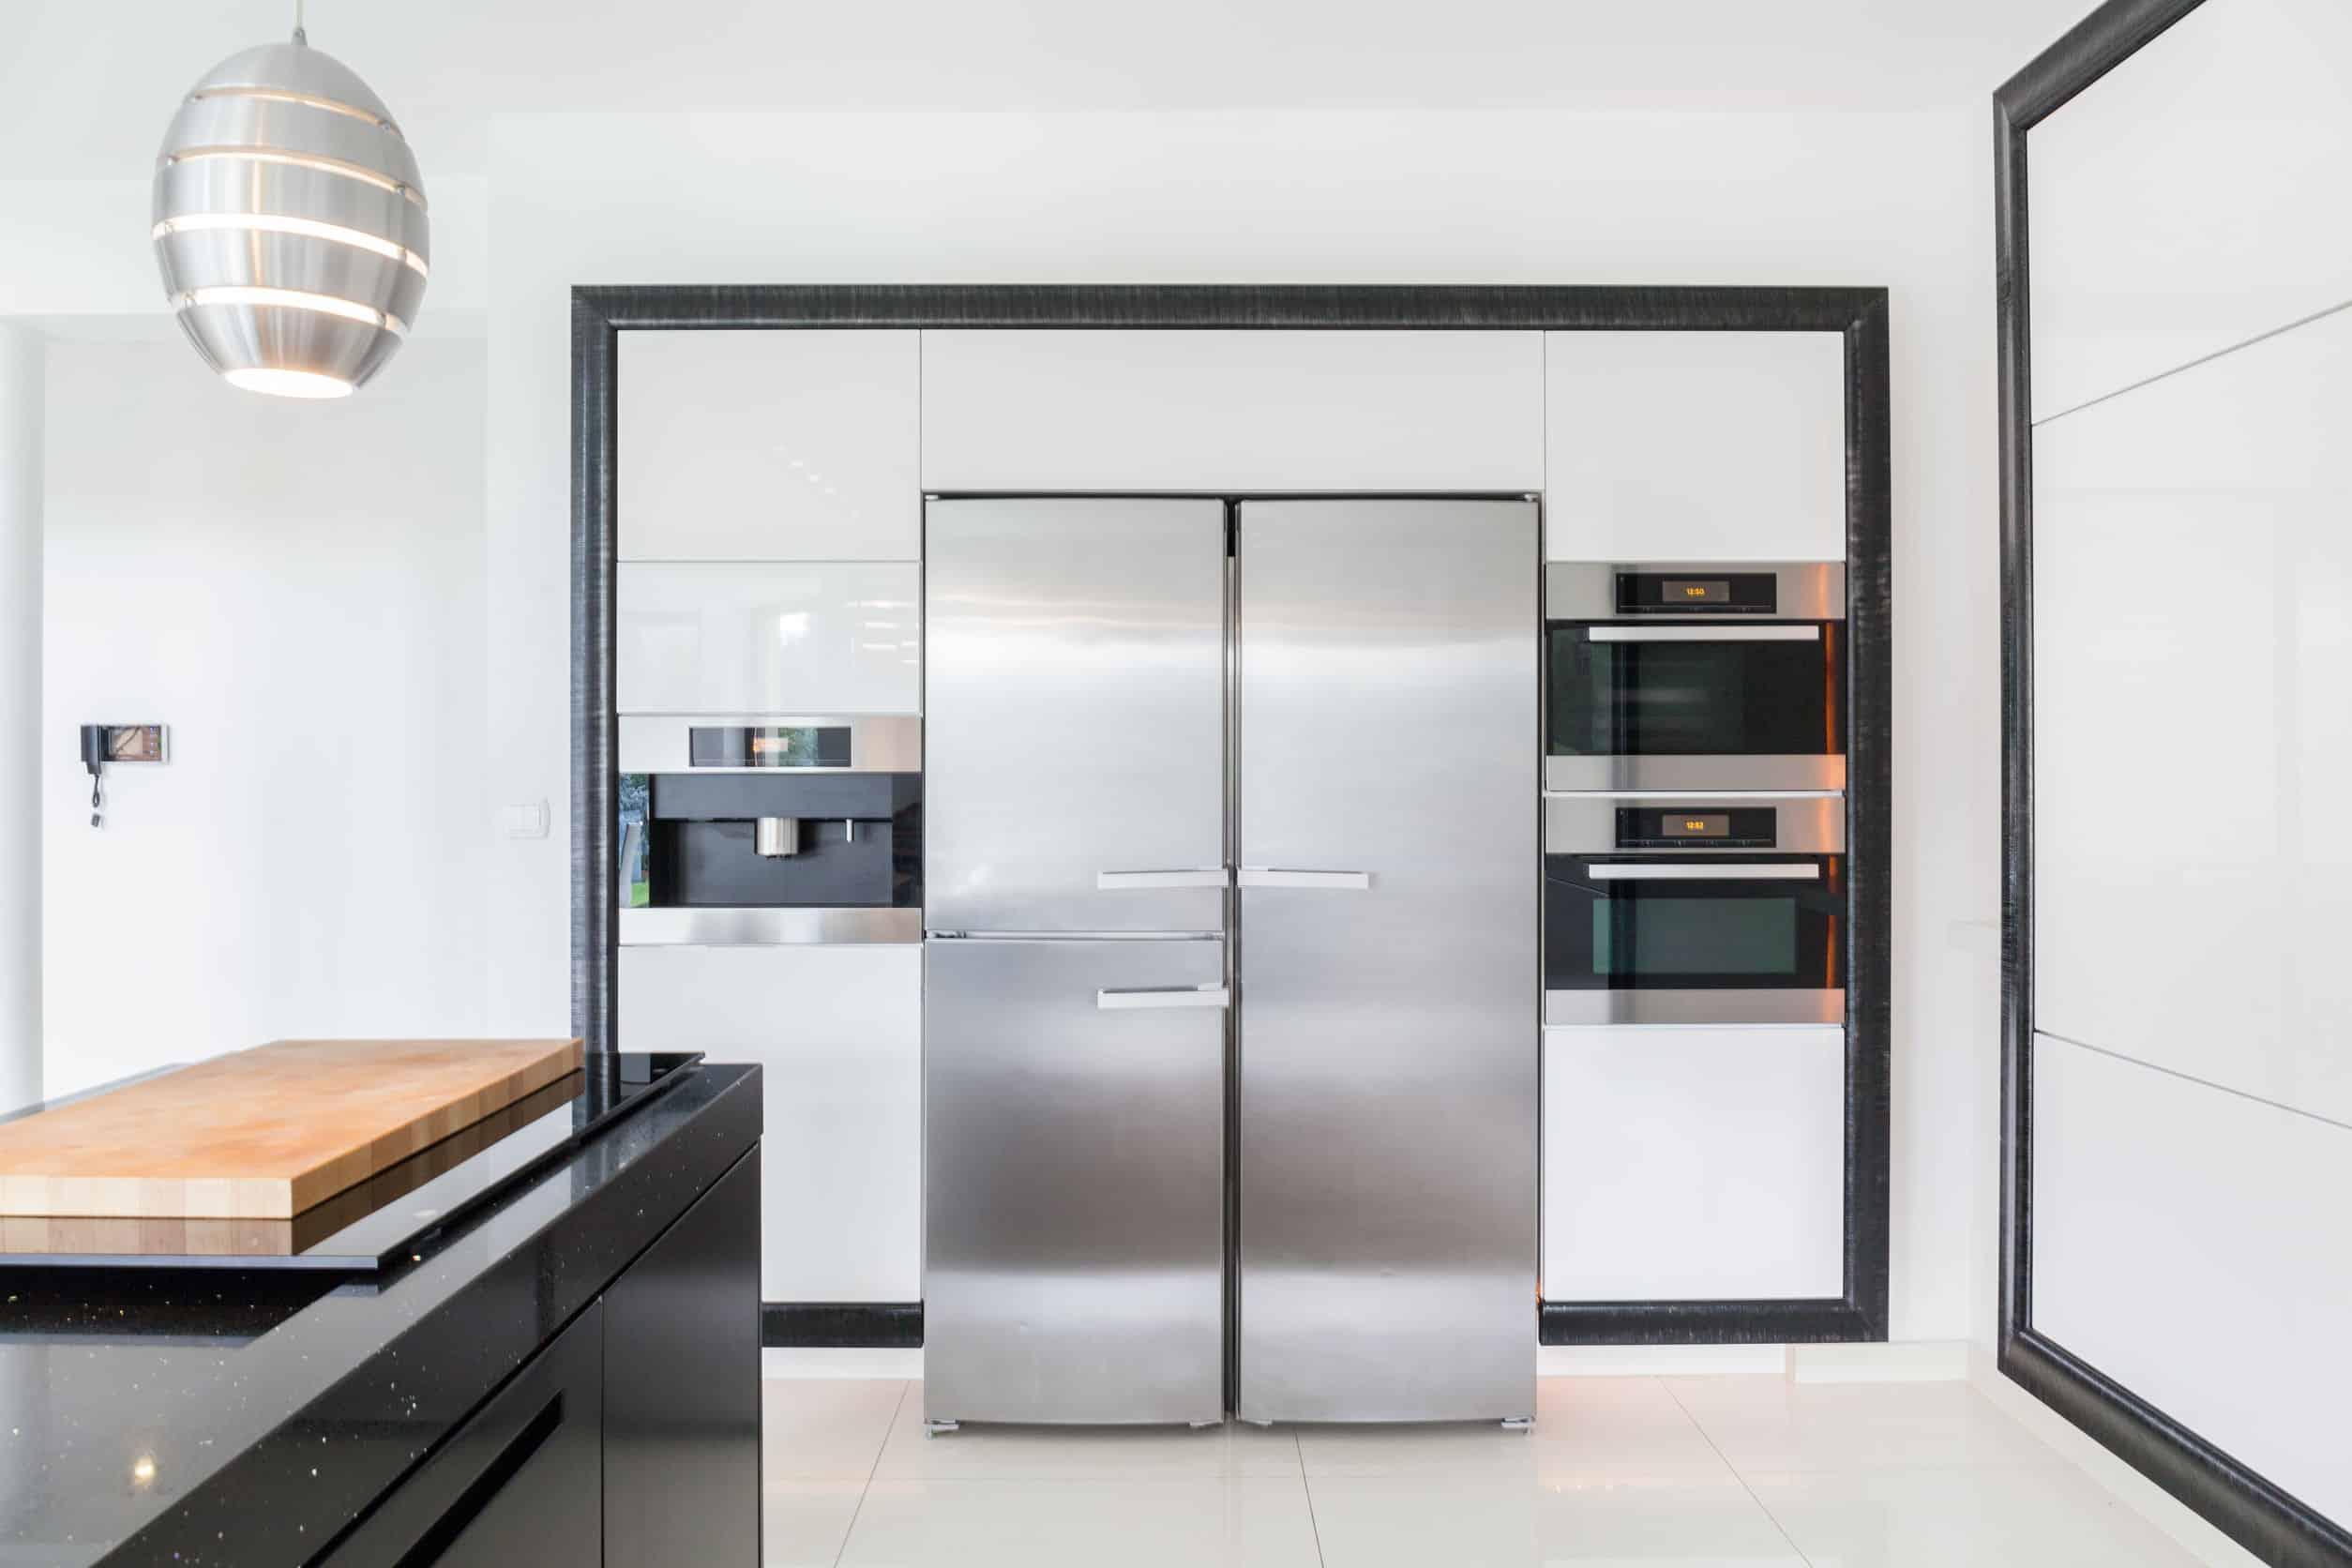 existem vários tipos de geladeira consul ou brastemp